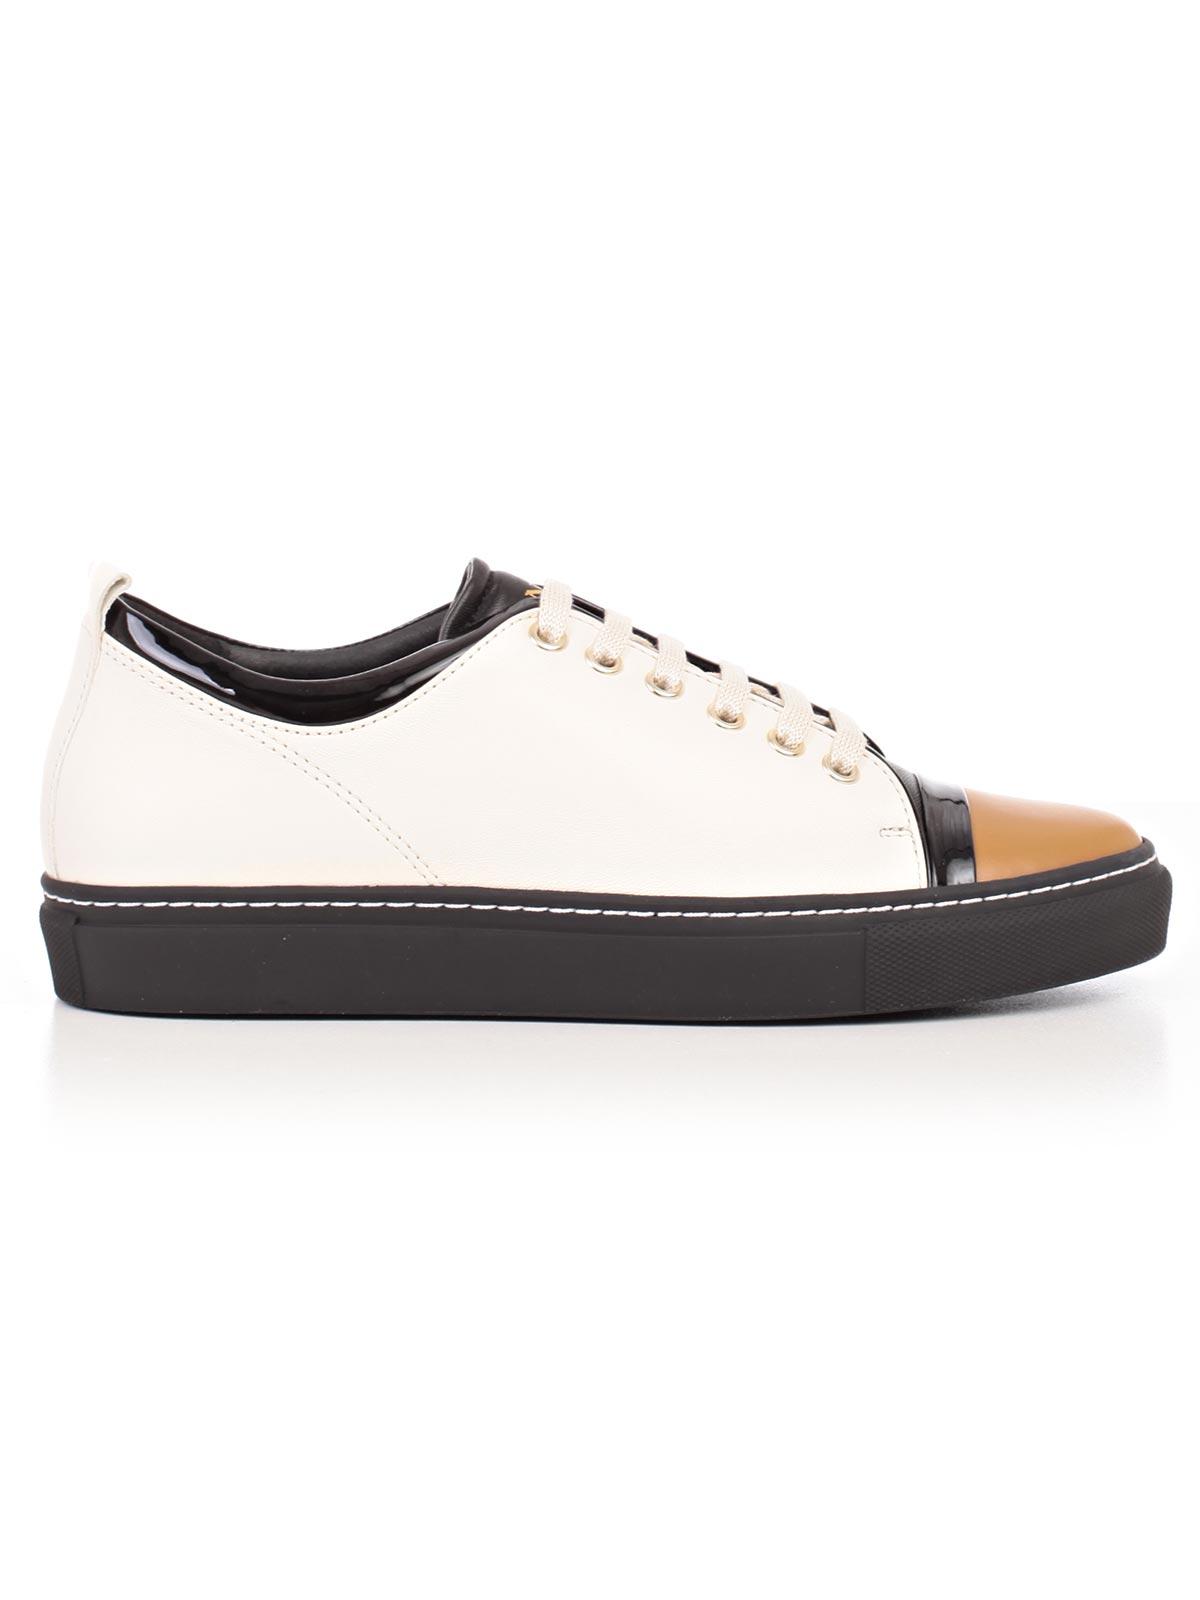 Picture of LANVIN FOOTWEAR SCARPA SNEAKERS